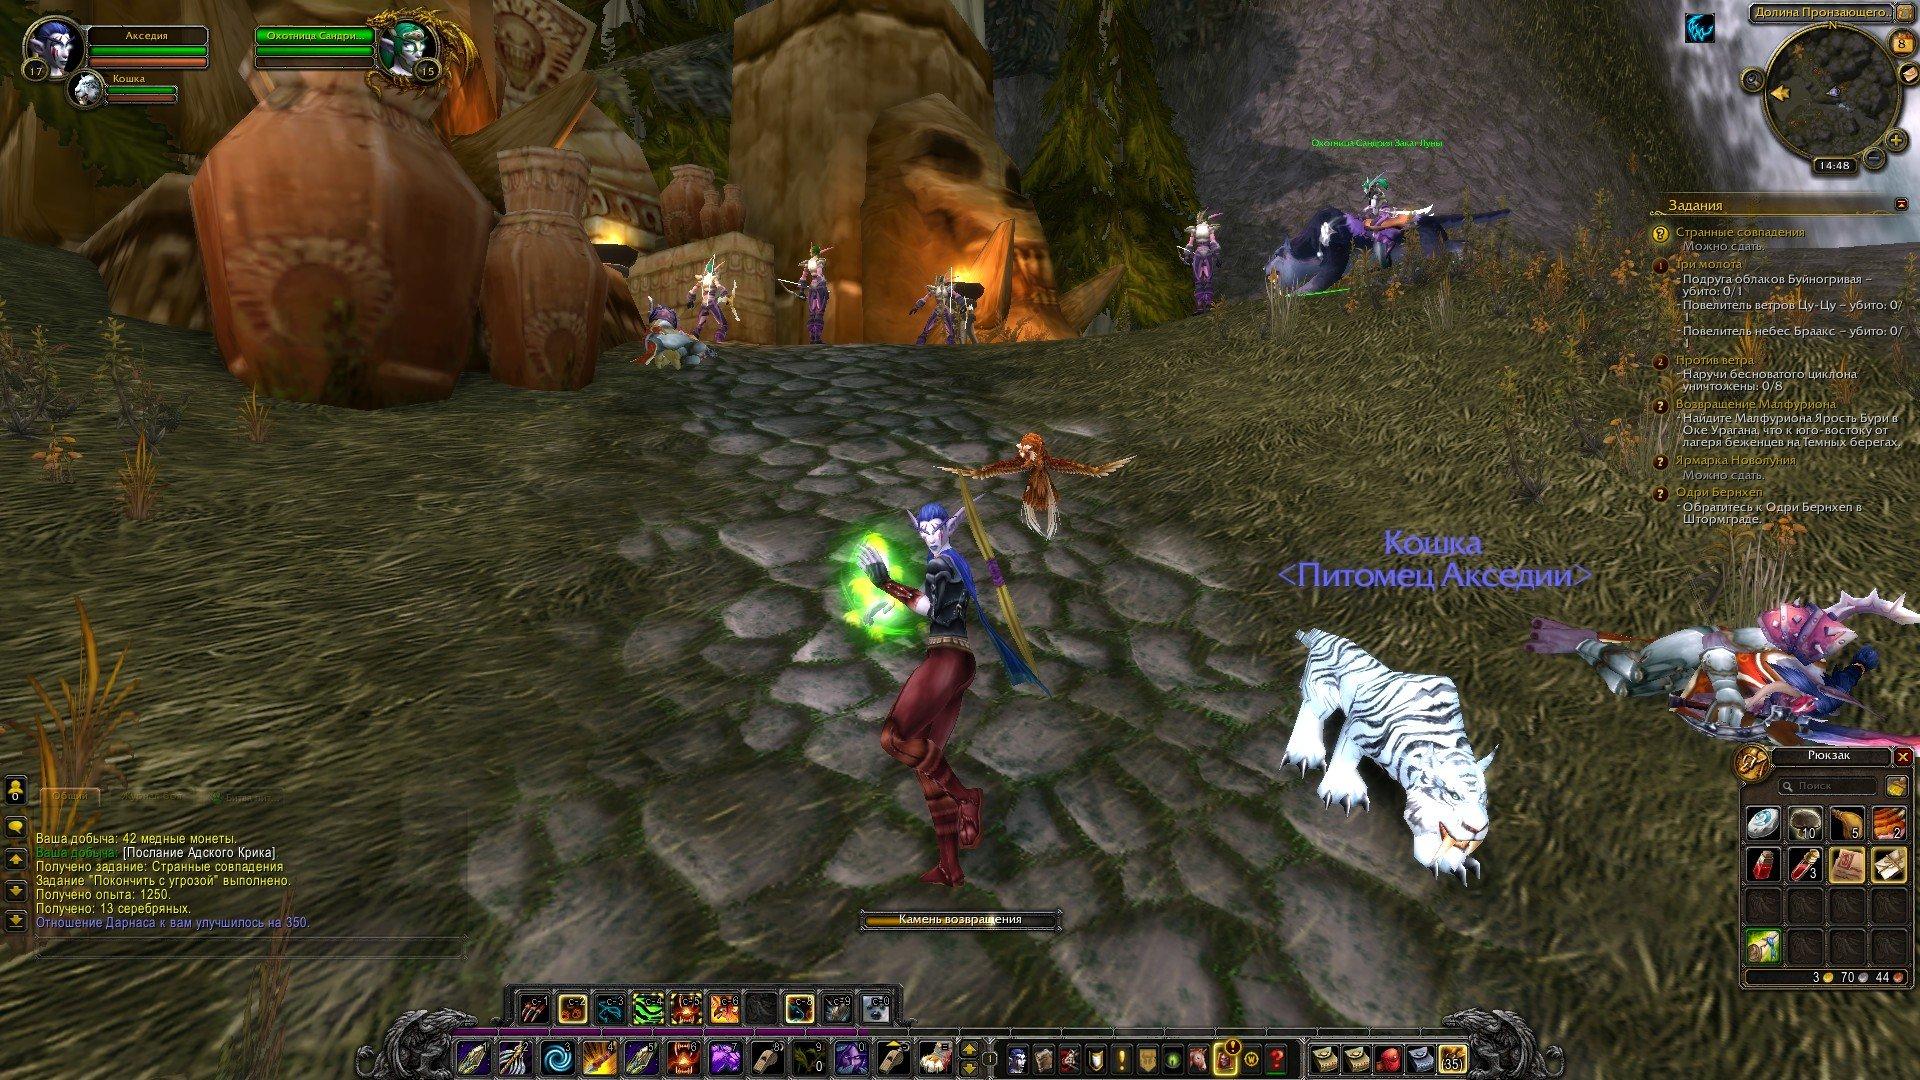 Путешествие по World of Warcraft ... Ночной Эльф. Глава 2. - Изображение 8